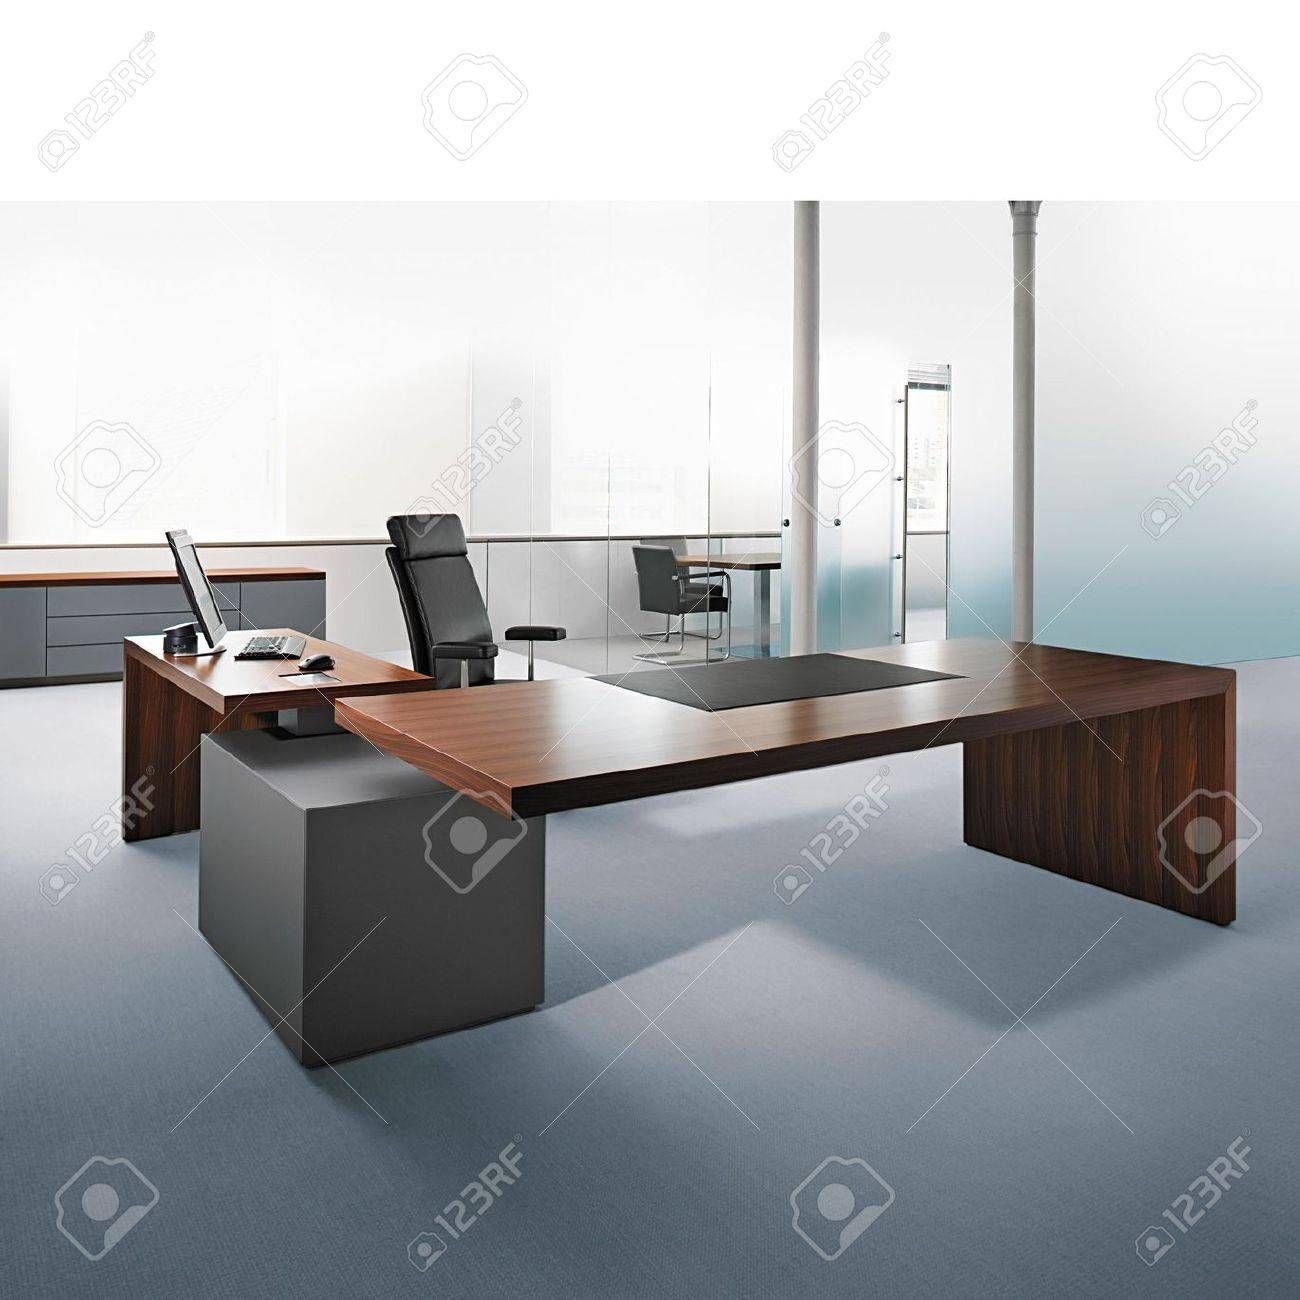 Stock Photo Oficinas Modernas Oficinas Oficinas De Diseno